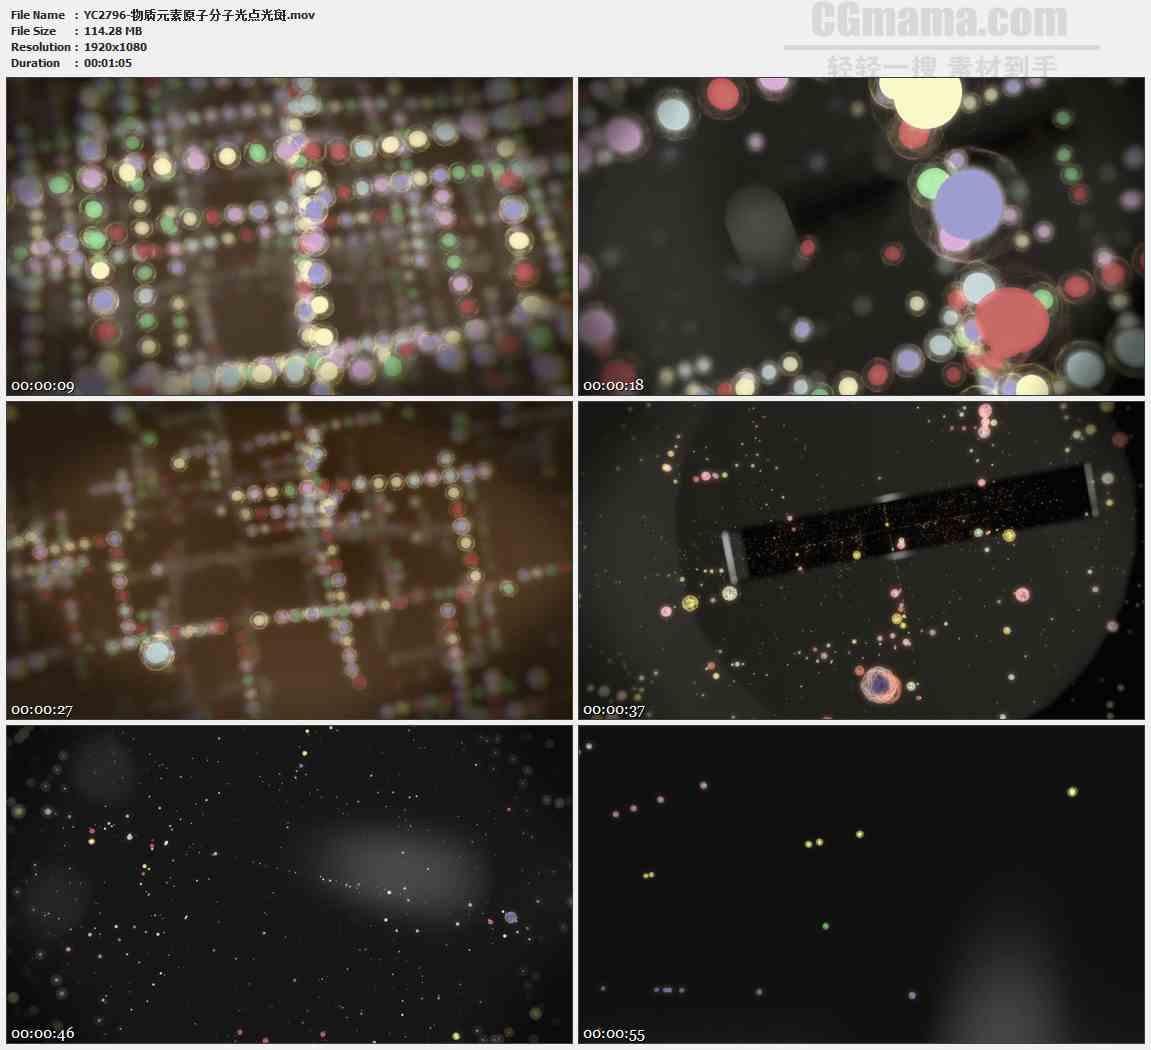 YC2796-物质元素原子分子光点光斑高清实拍视频素材